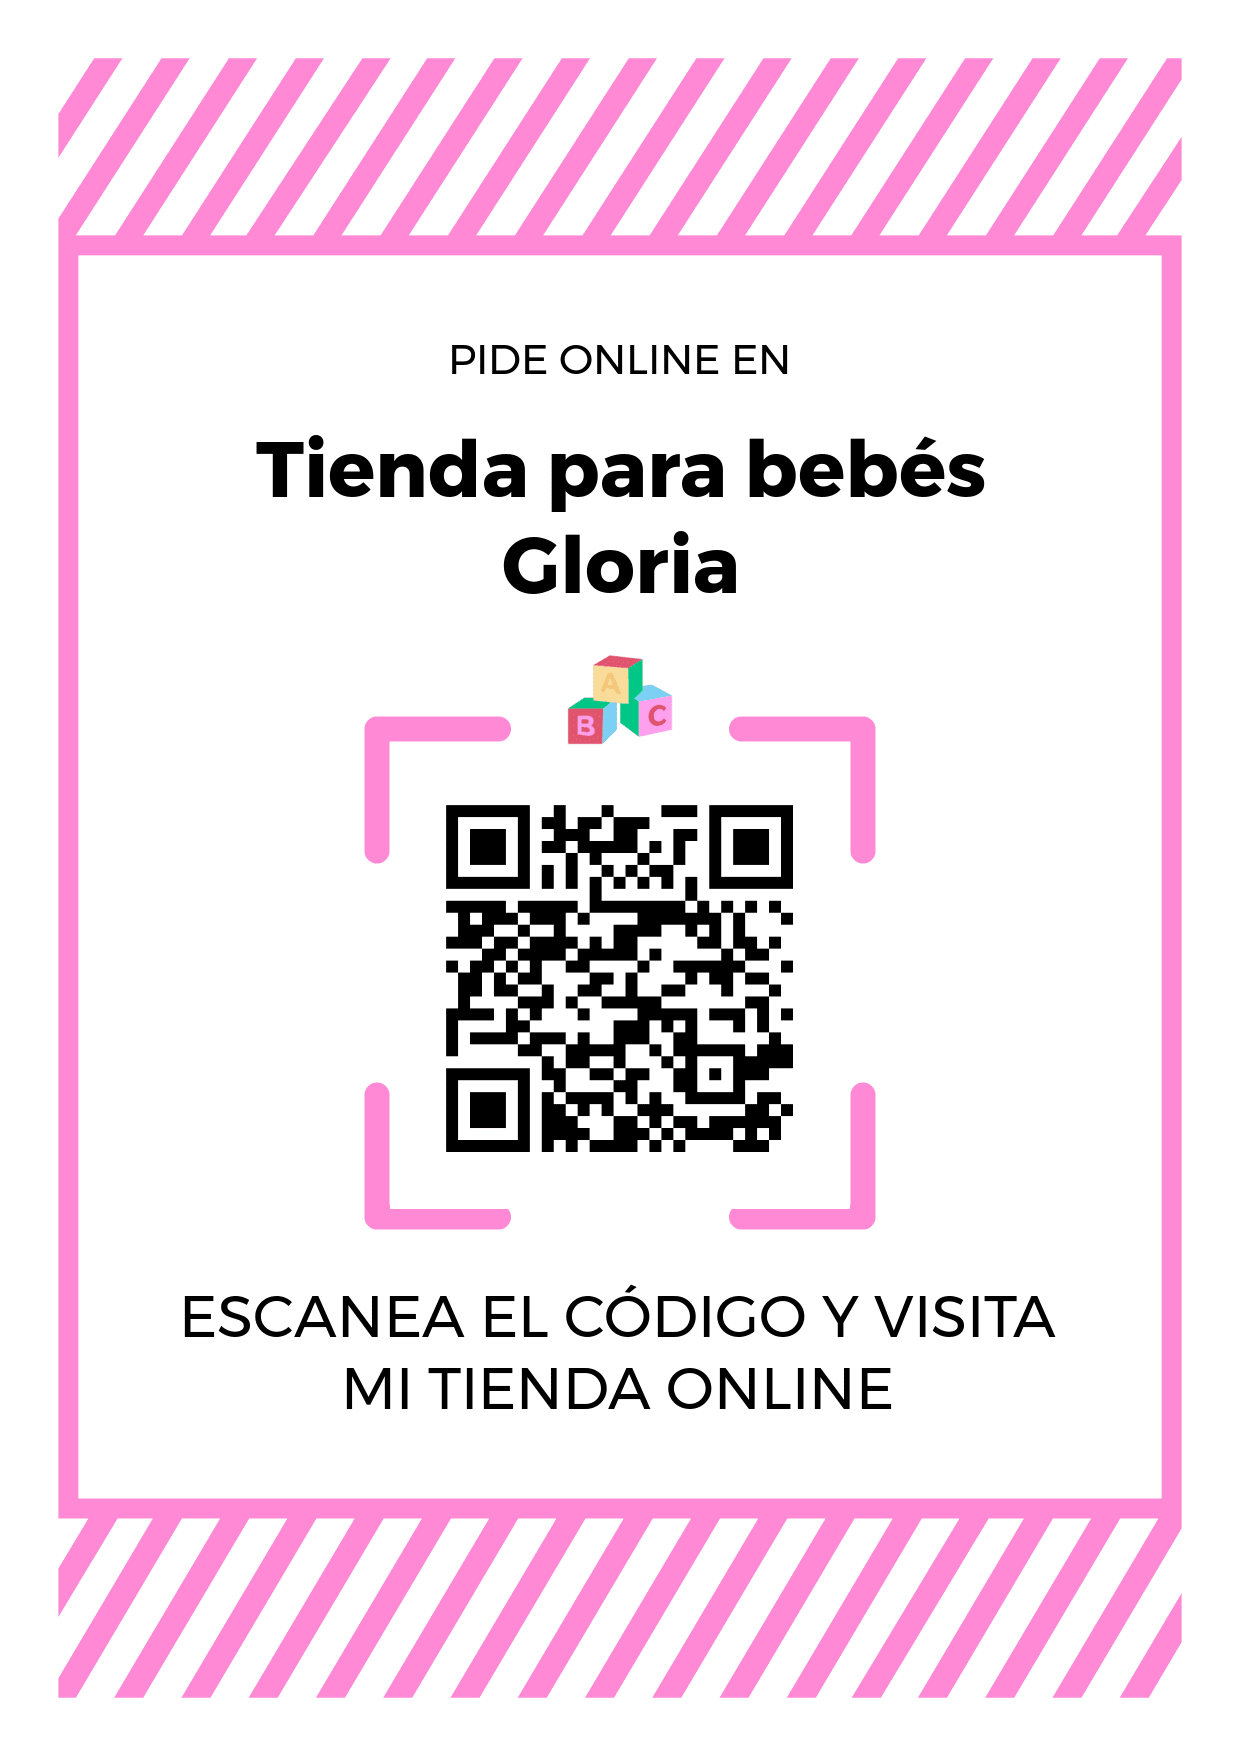 Cartel Póster de Código QR para tienda de Tienda para bebés